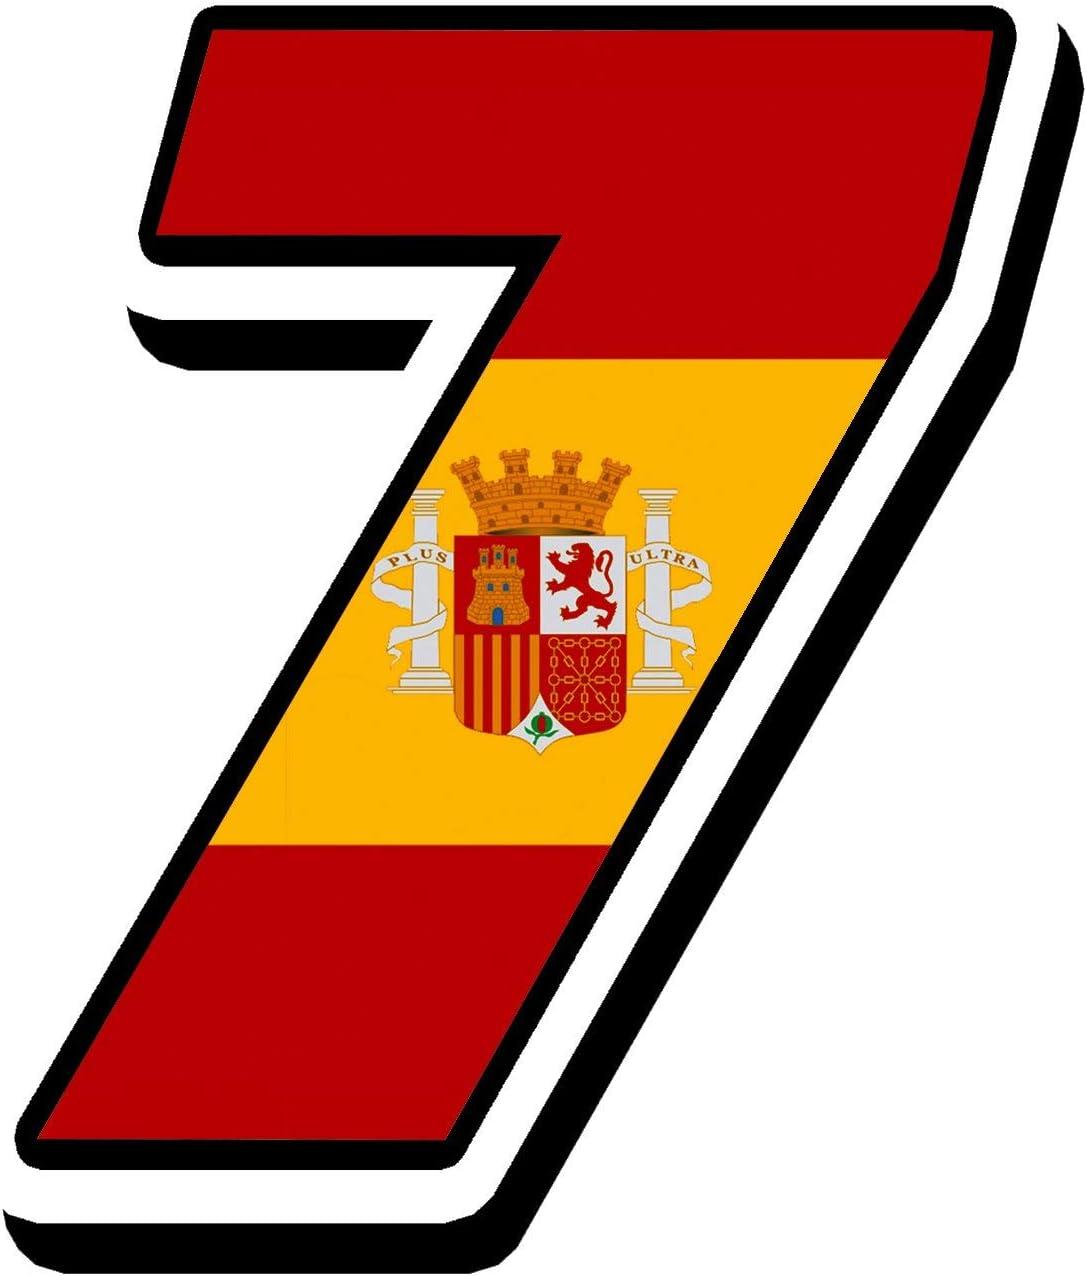 Biomar Labs® Número 7 Bandera Nacional España Spain Calavera Vinilo Adhesivo Pegatina Coche Auto Motocross Moto Sport Start Racing Tuning N 287: Amazon.es: Coche y moto